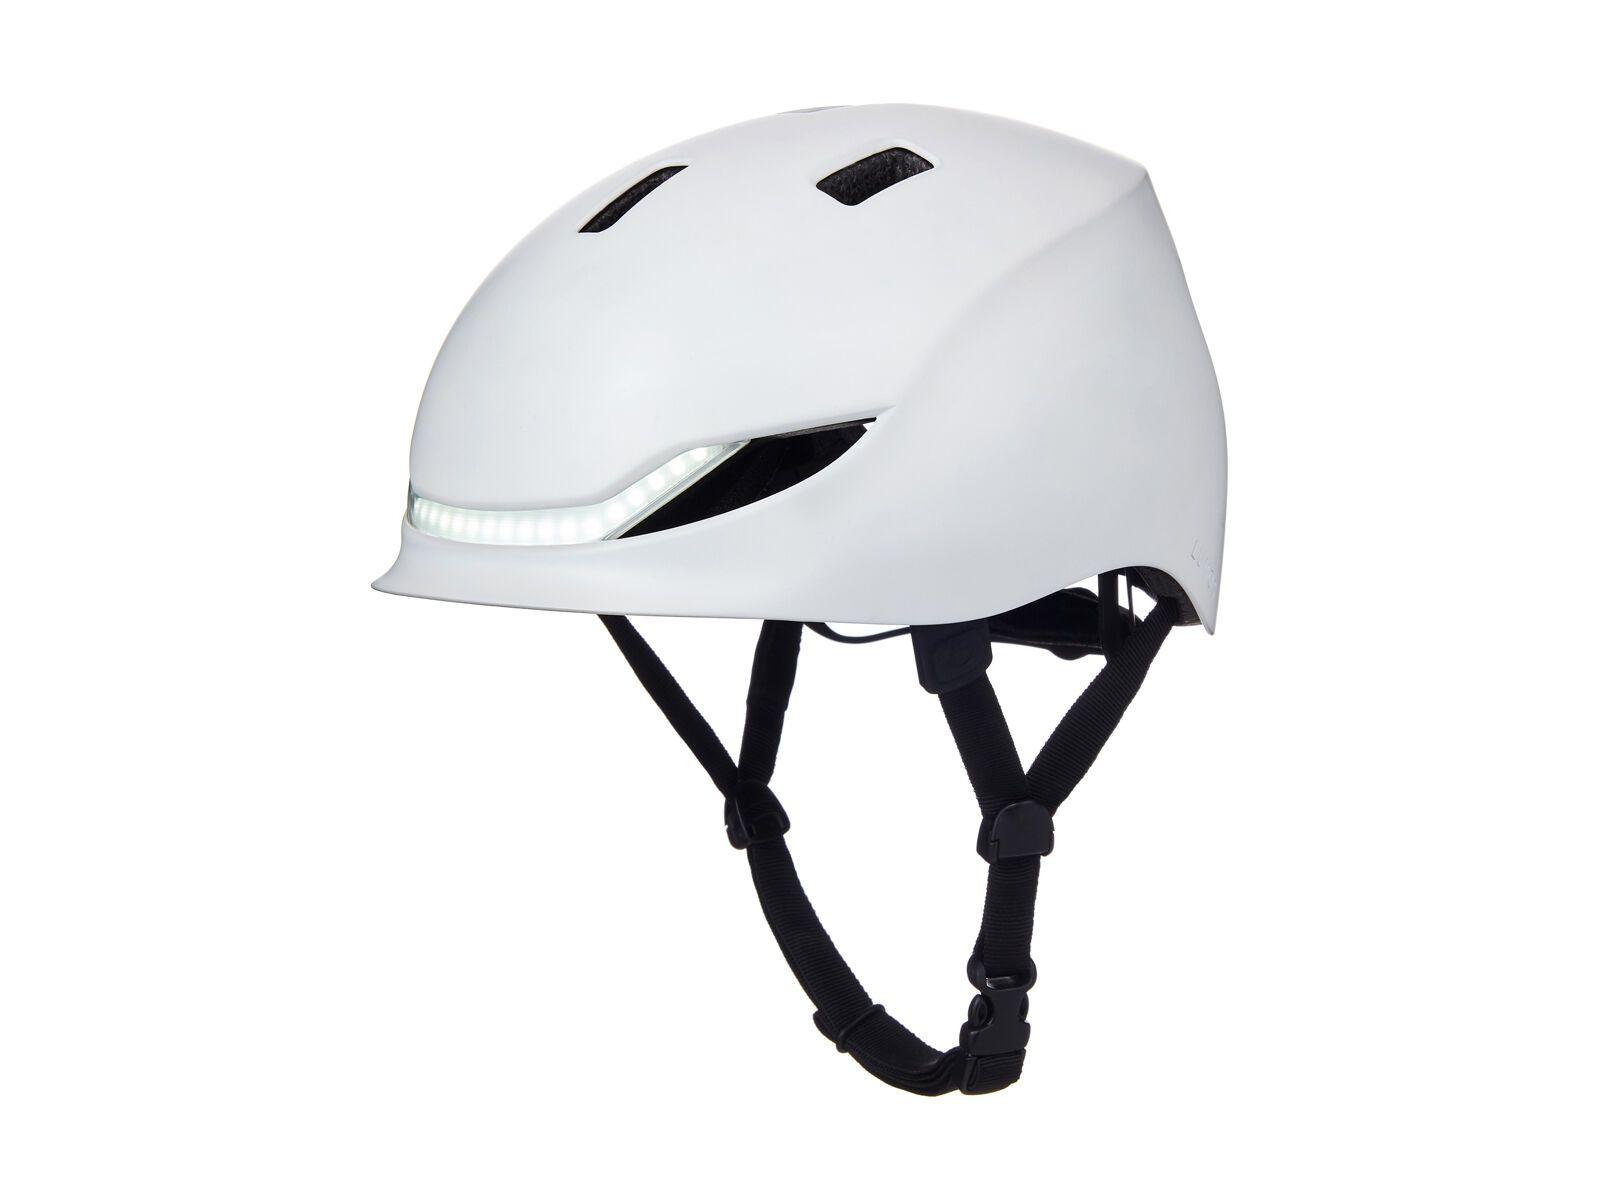 Lumos Street Helmet with MIPS, jet white - Fahrradhelm, Größe 54-61 cm 220005002